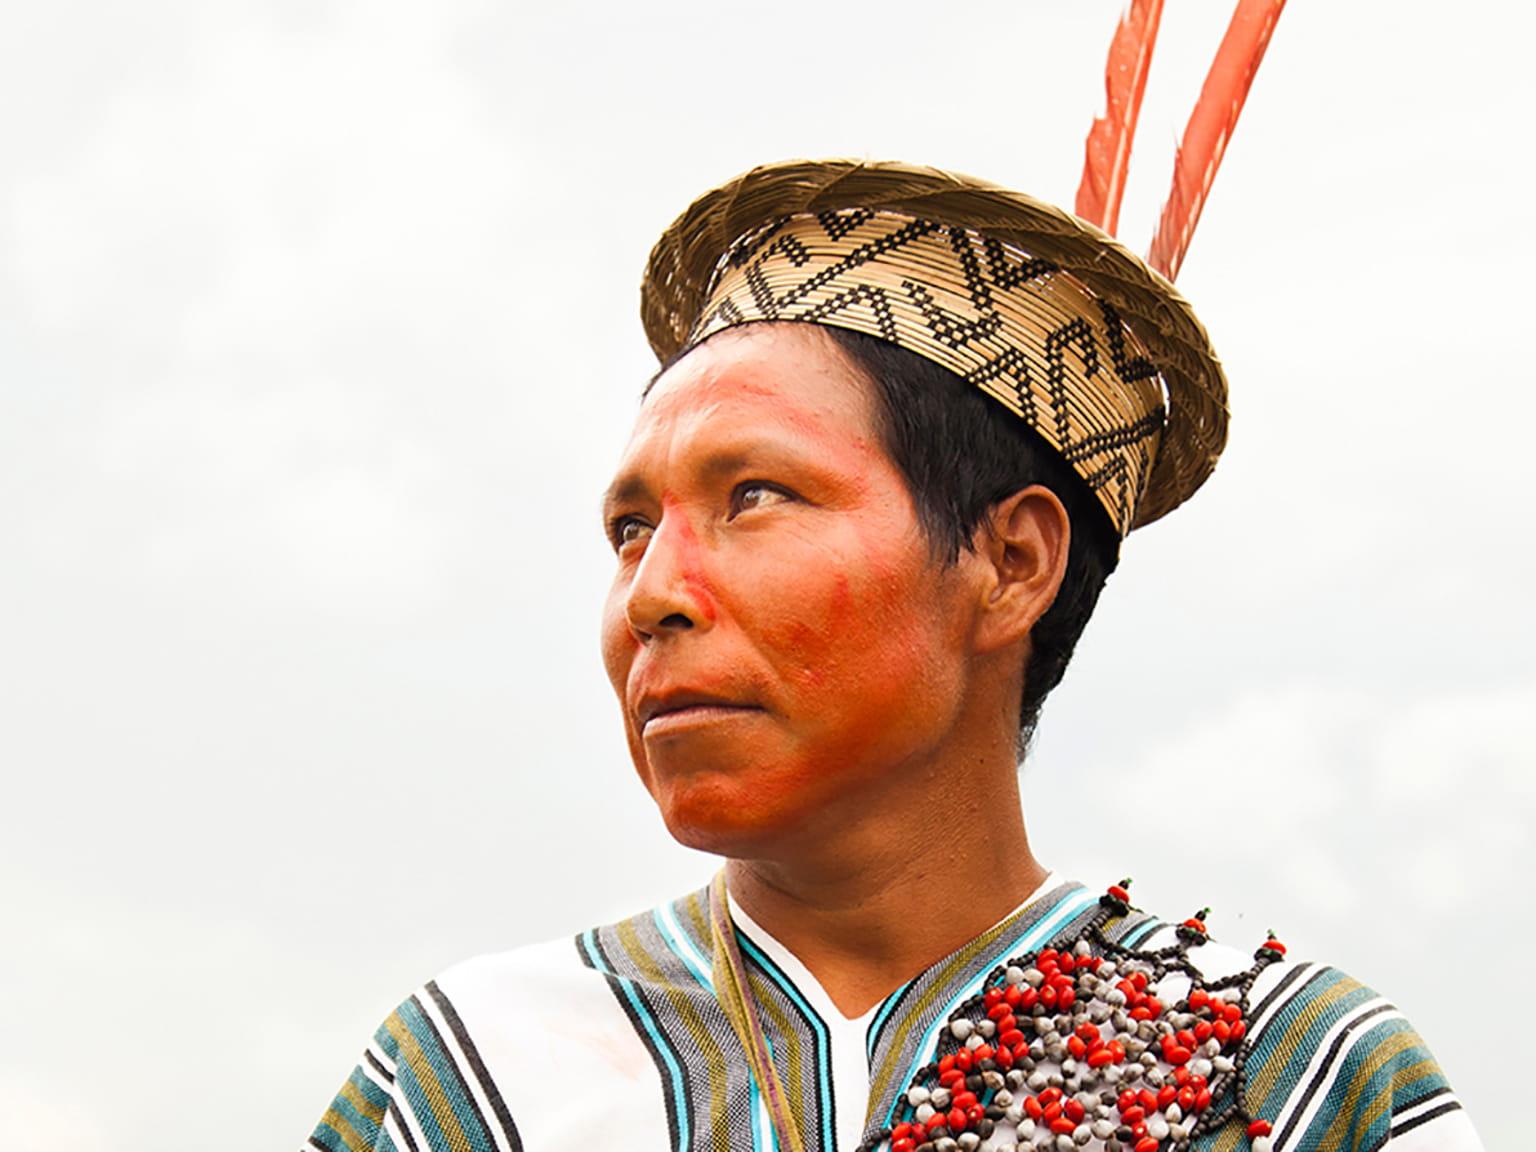 Indígena con sombrero y traje típico